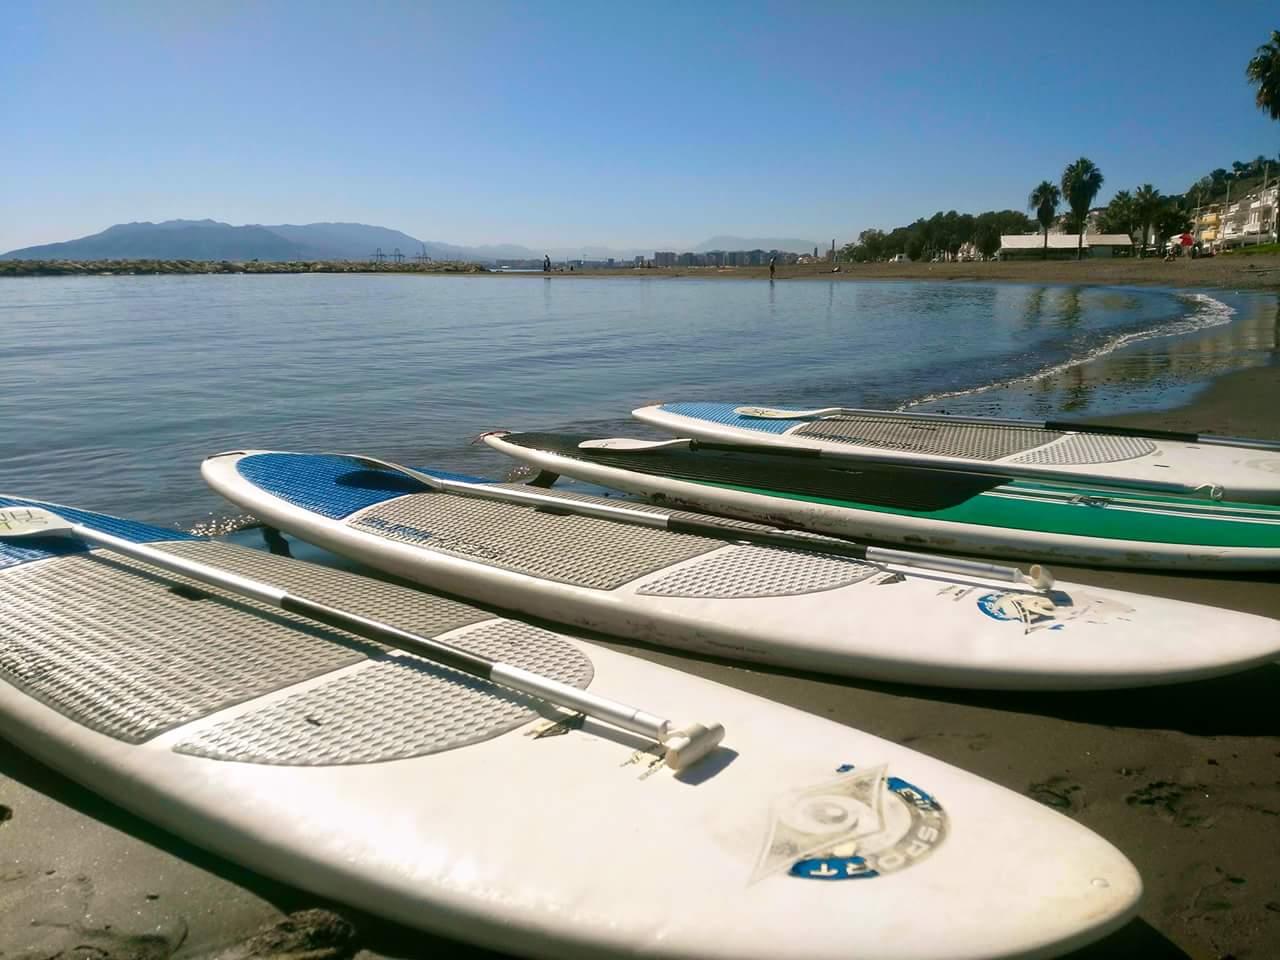 Cuatro tablas de Paddle Surf tomando sol en la orilla de la playa de El Palo